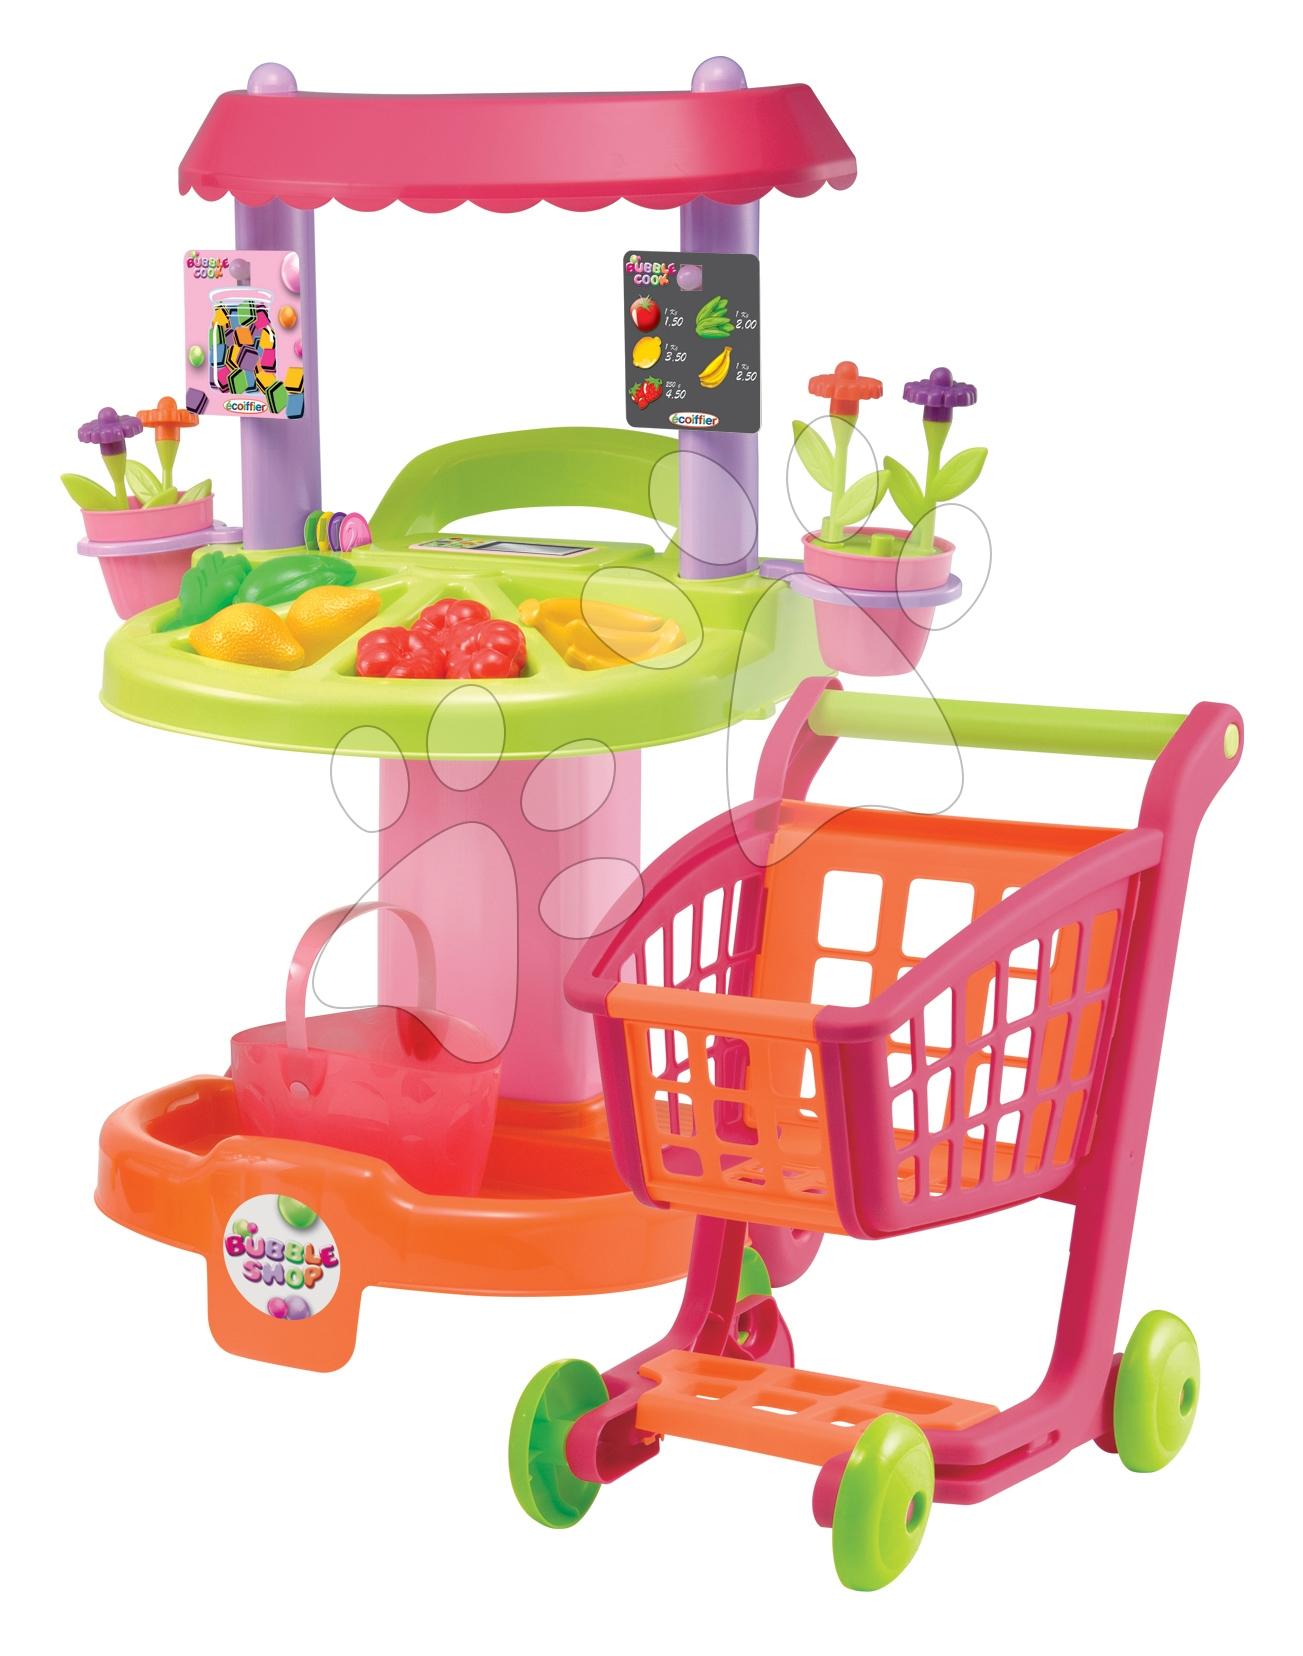 Stand Bubble Shop Écoiffier zӧldséggel, virágokkal, bevásárlókocsival és 29 kiegészítővel 18 hó-tól